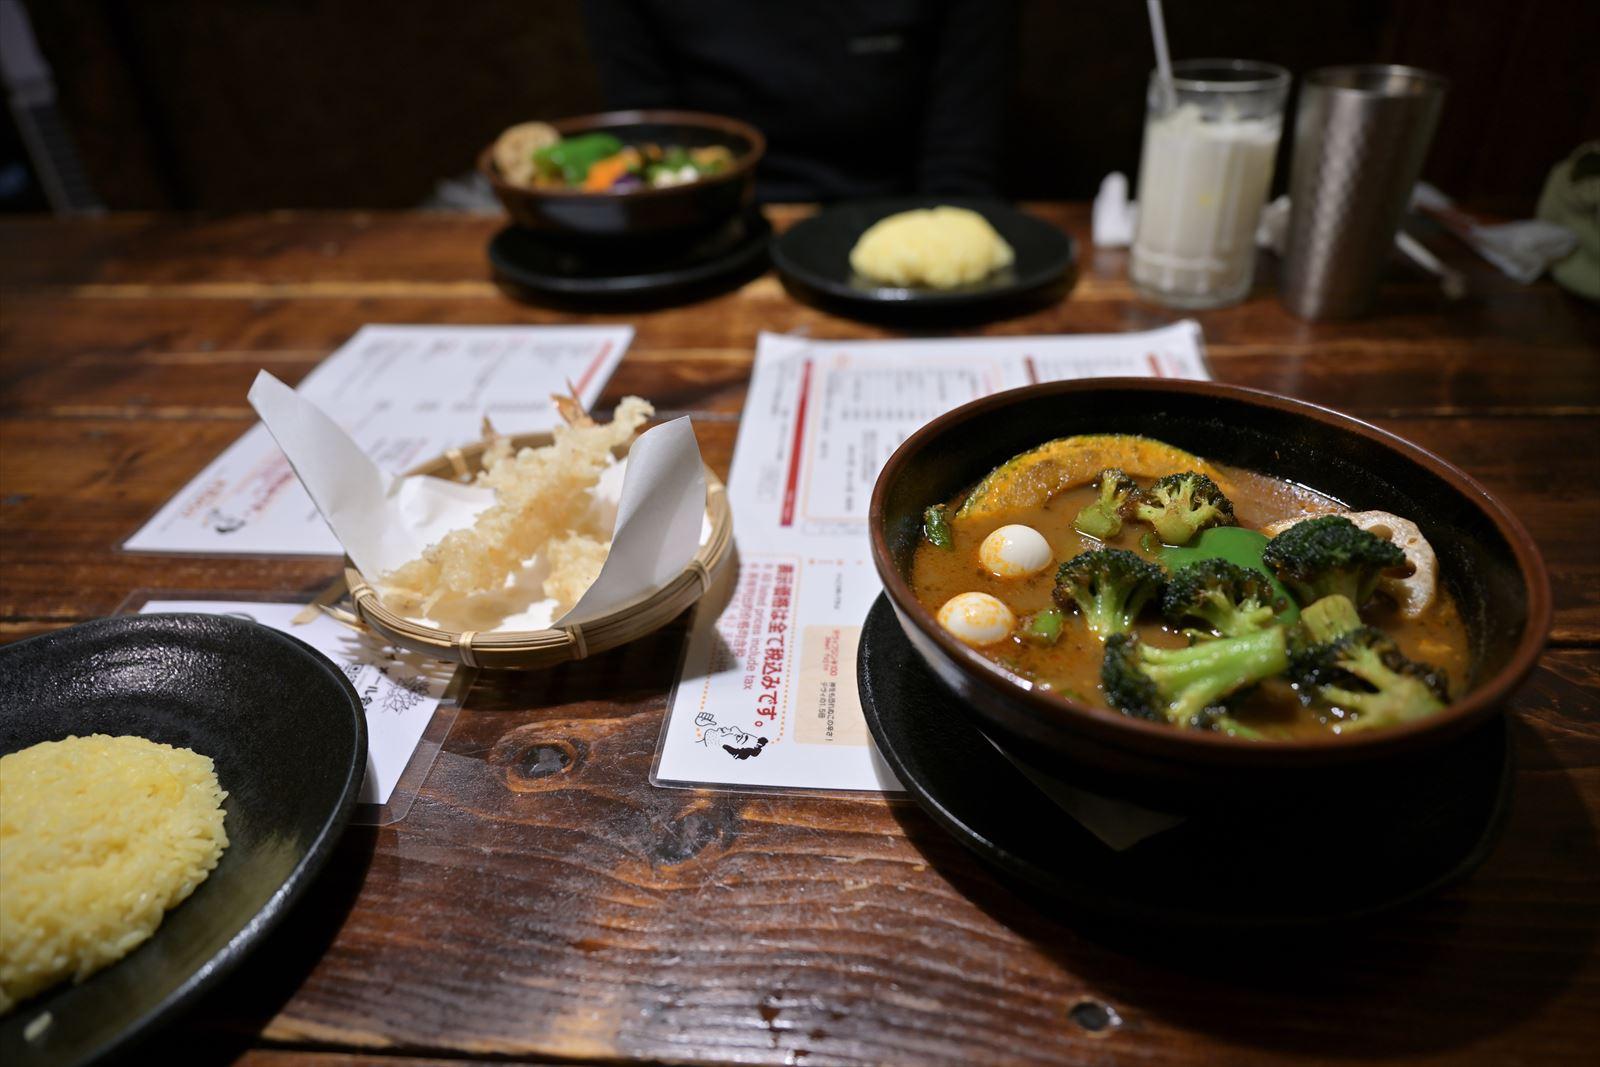 【苫小牧】Asian Bar RAMAI(アジアンバーラマイ)_a0145819_161504.jpg